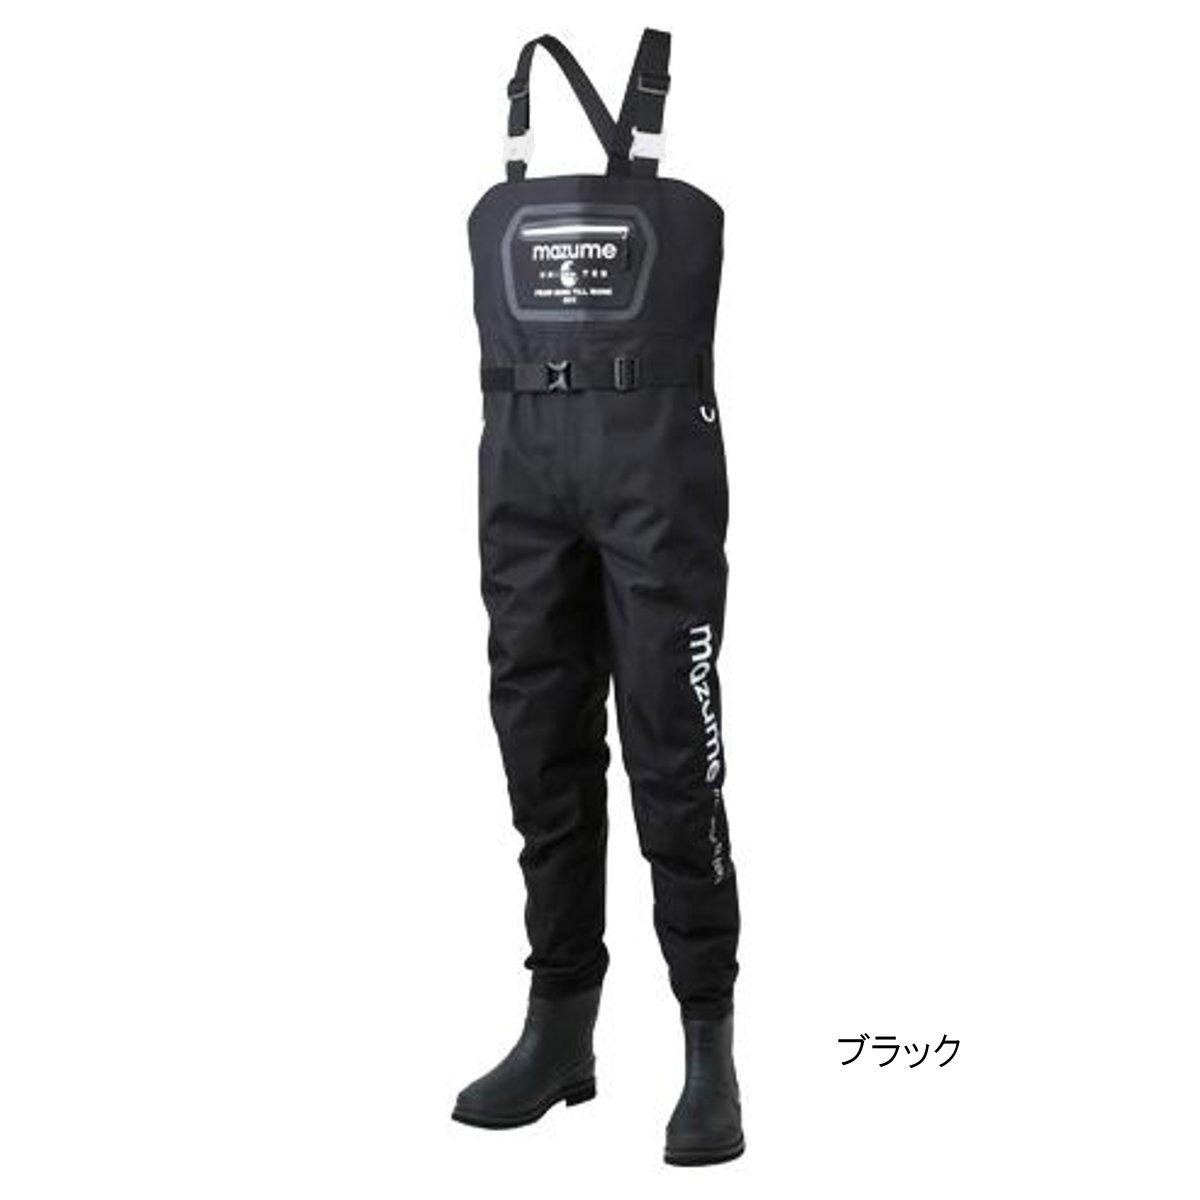 mazume ブーツフットゲームウェイダー(フェルトスパイク) MZBF-405 M ブラック